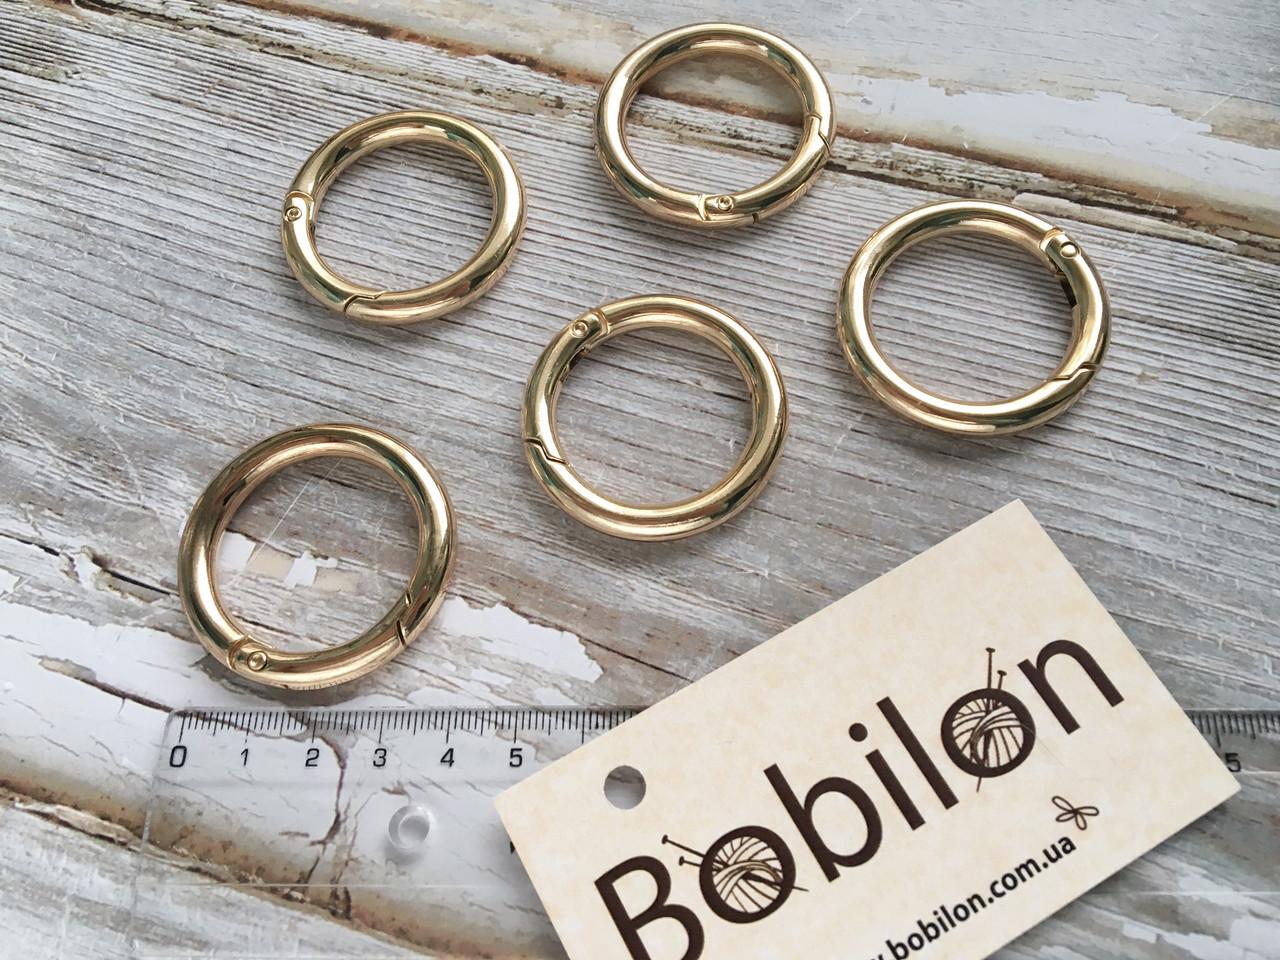 Кільце карабін в кольорі золото, діаметр 30 мм